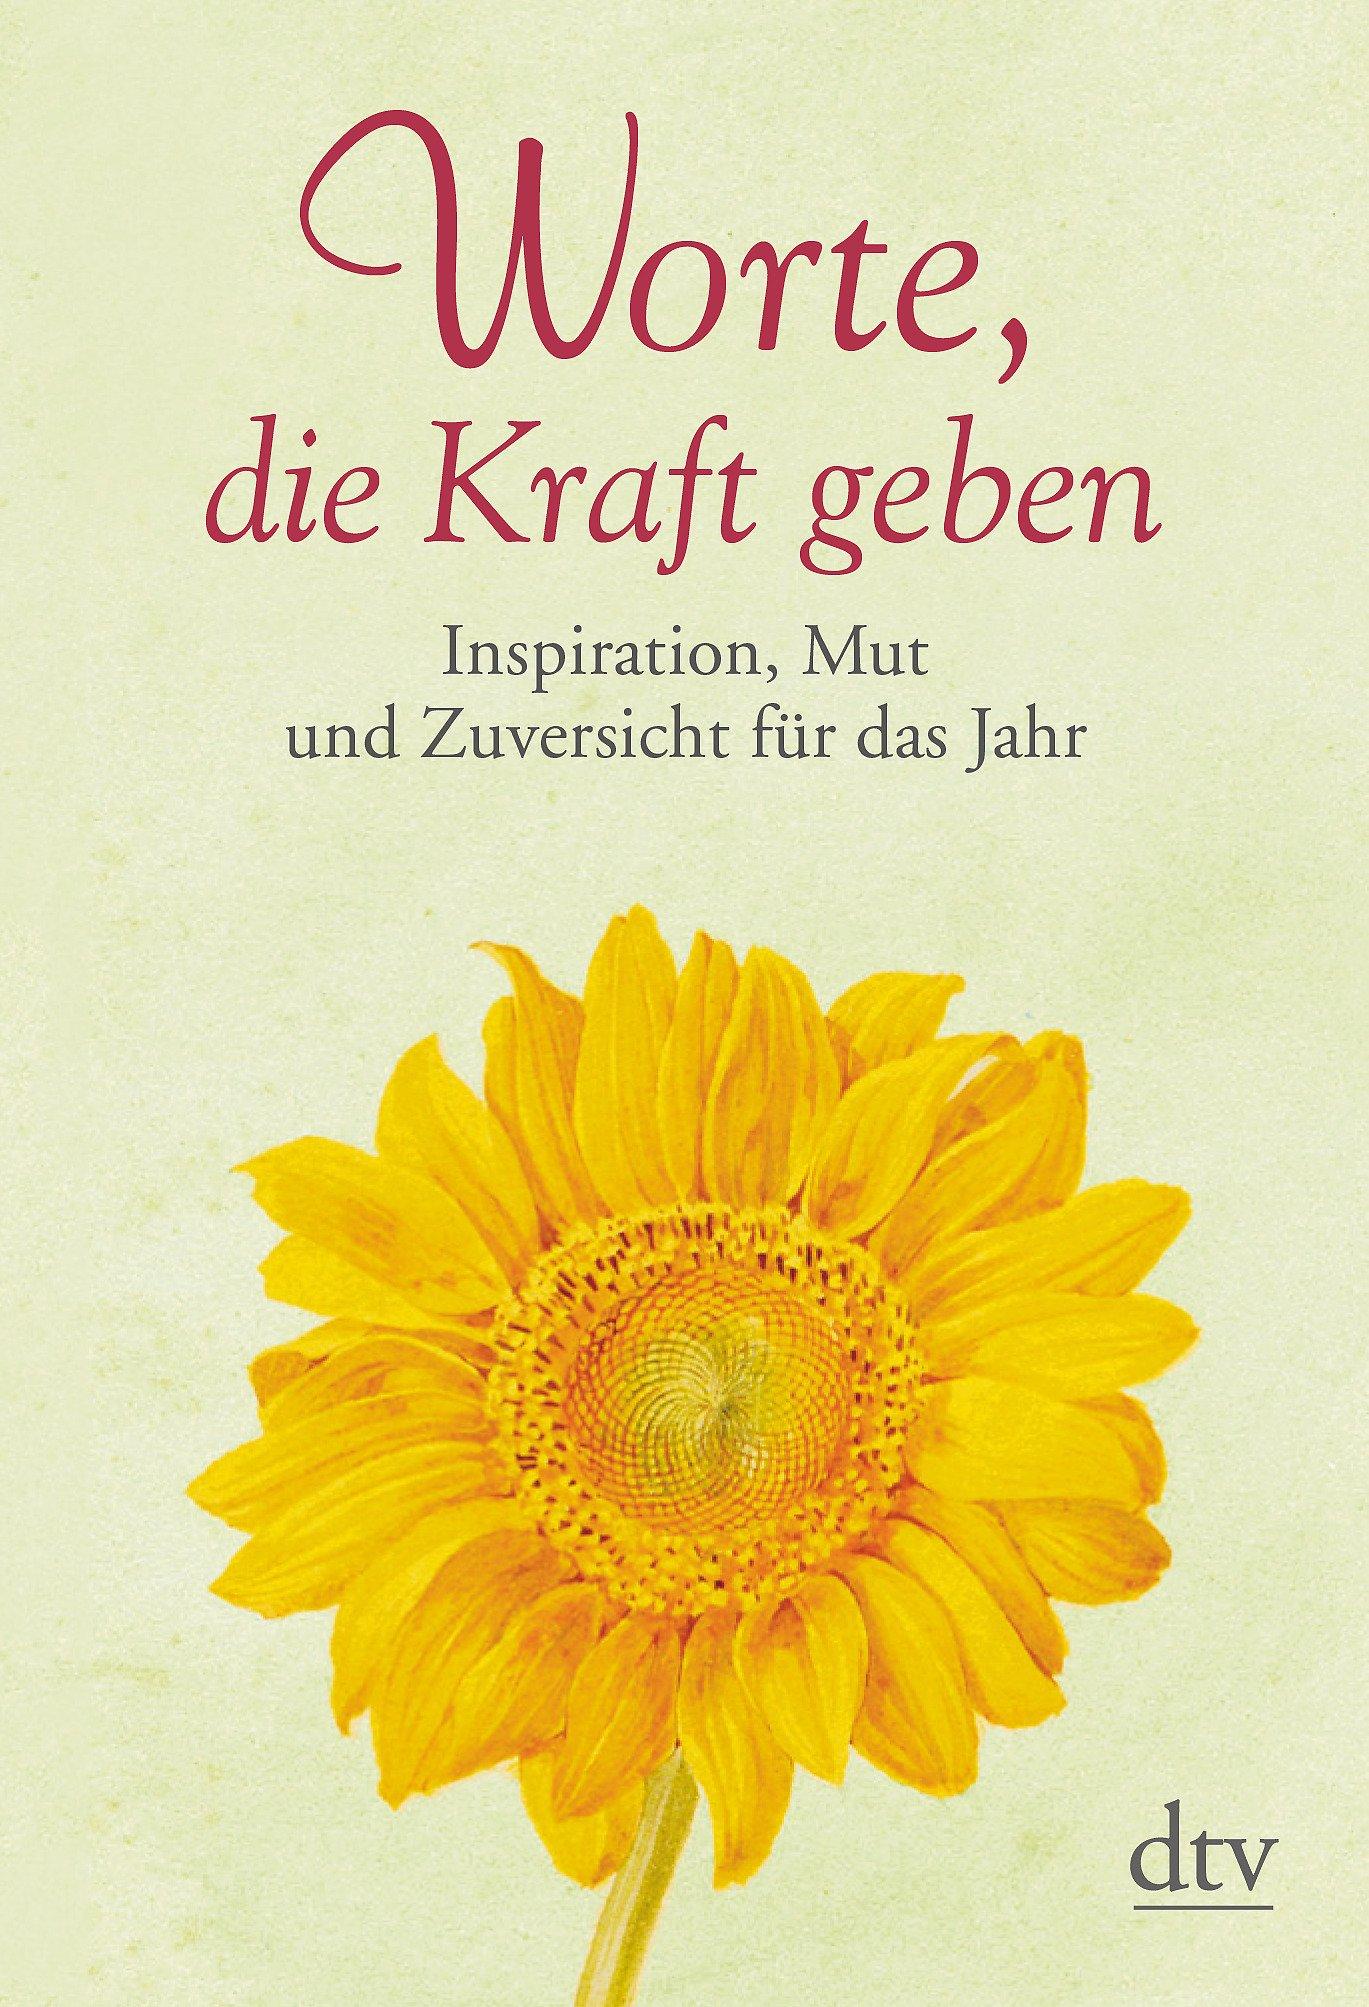 Bekannt Worte, Die Kraft Geben: Inspiration, Mut Und Zuversicht Für Das KV63